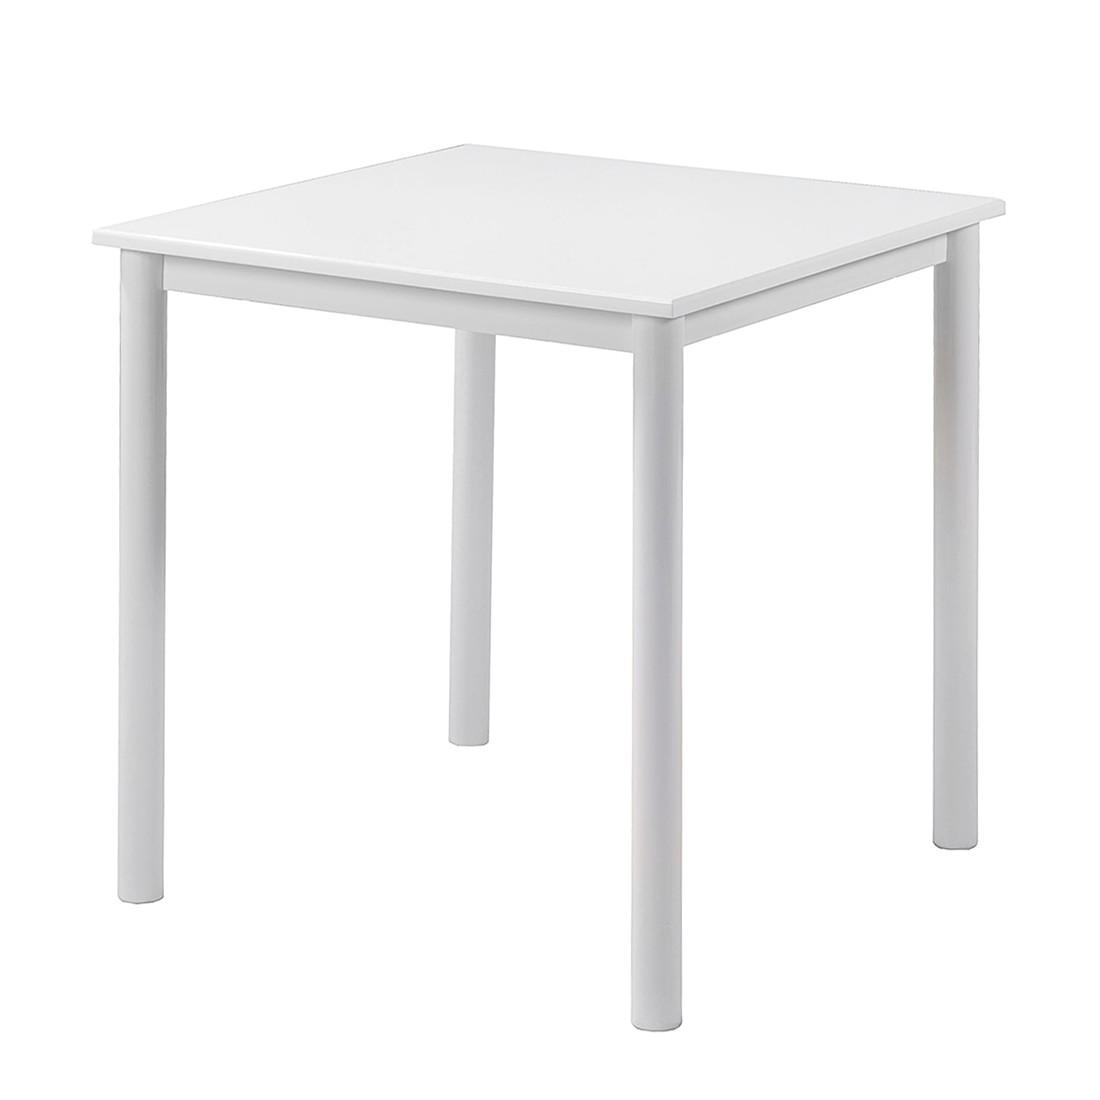 esstisch hochglanz wei ca 70x70 cm preisvergleich g nstig kaufen bei. Black Bedroom Furniture Sets. Home Design Ideas